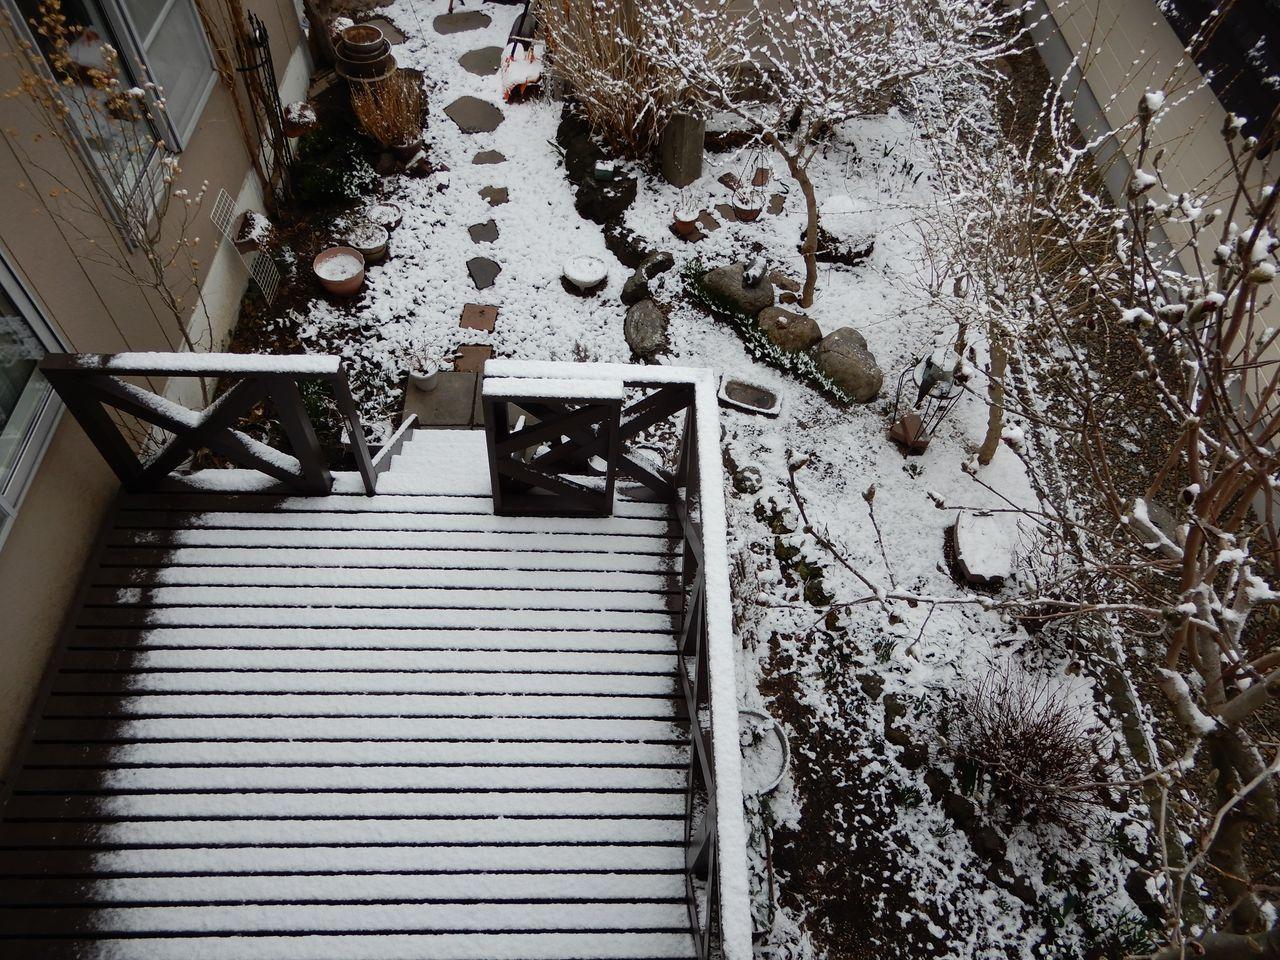 朝だけ戻ってきた冬景色_c0025115_21262258.jpg